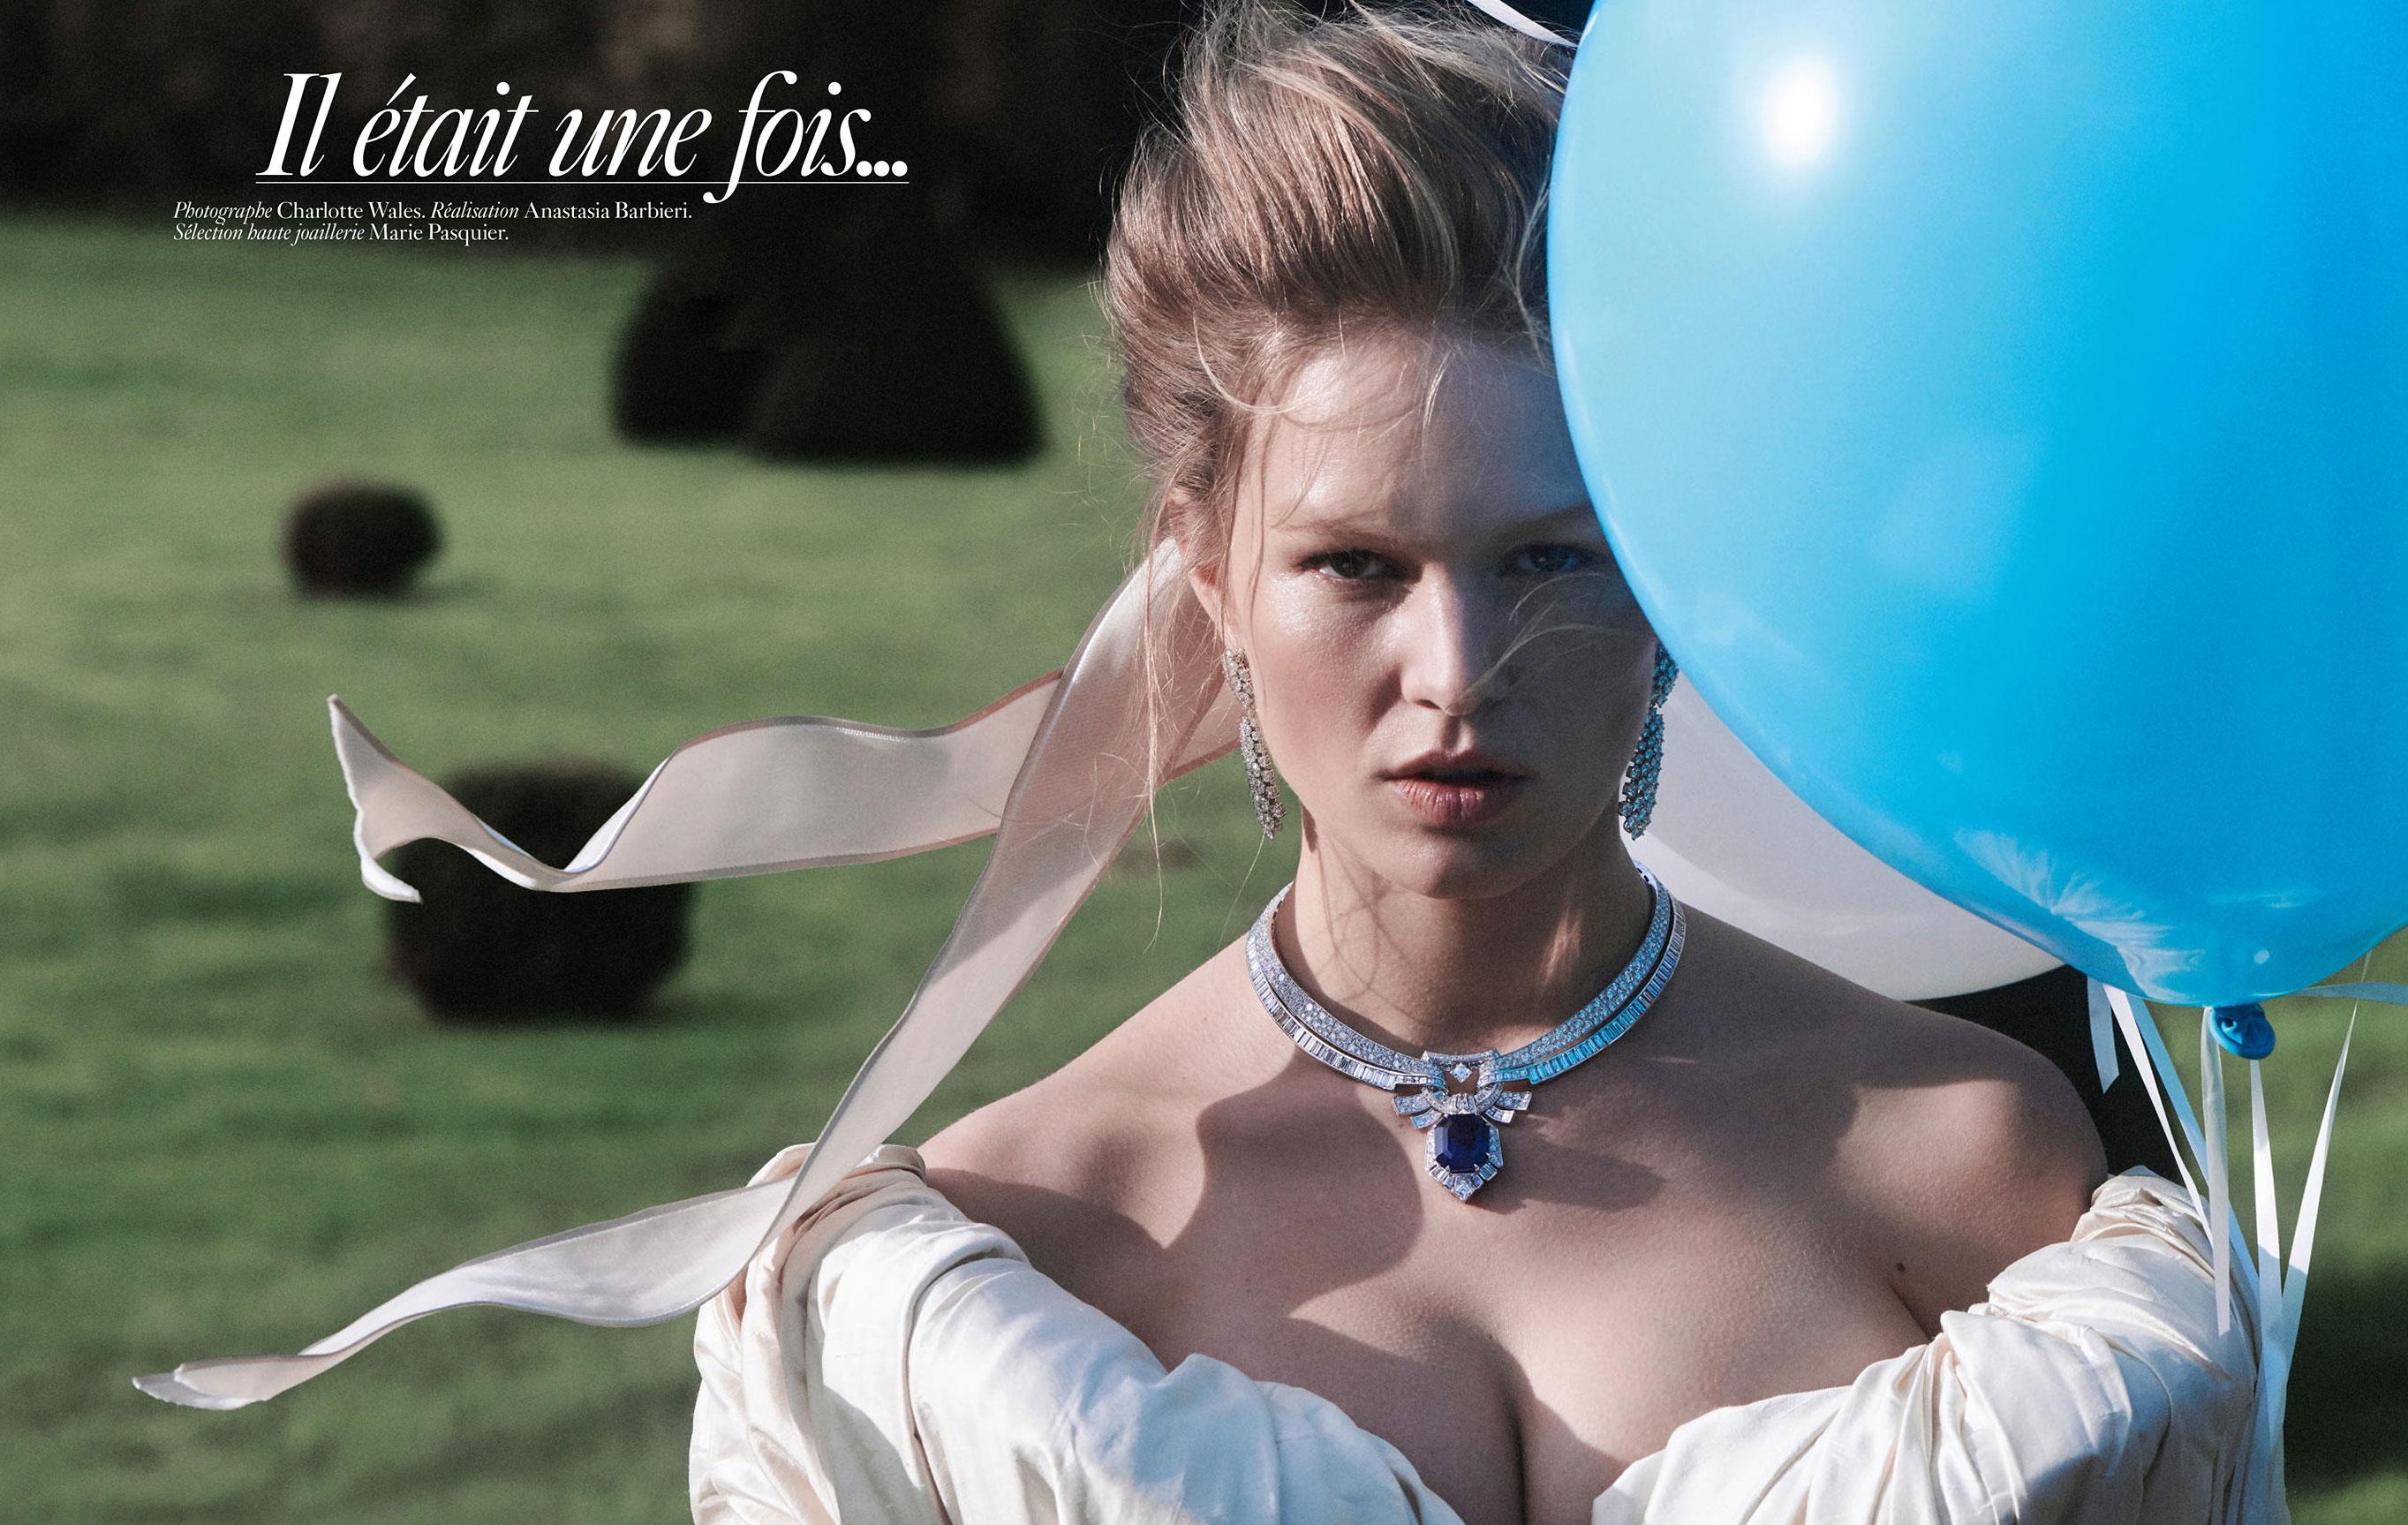 Обычная жизнь королевы / Анна Юэрс, фотограф Шарлотта Уэльс / фото 01